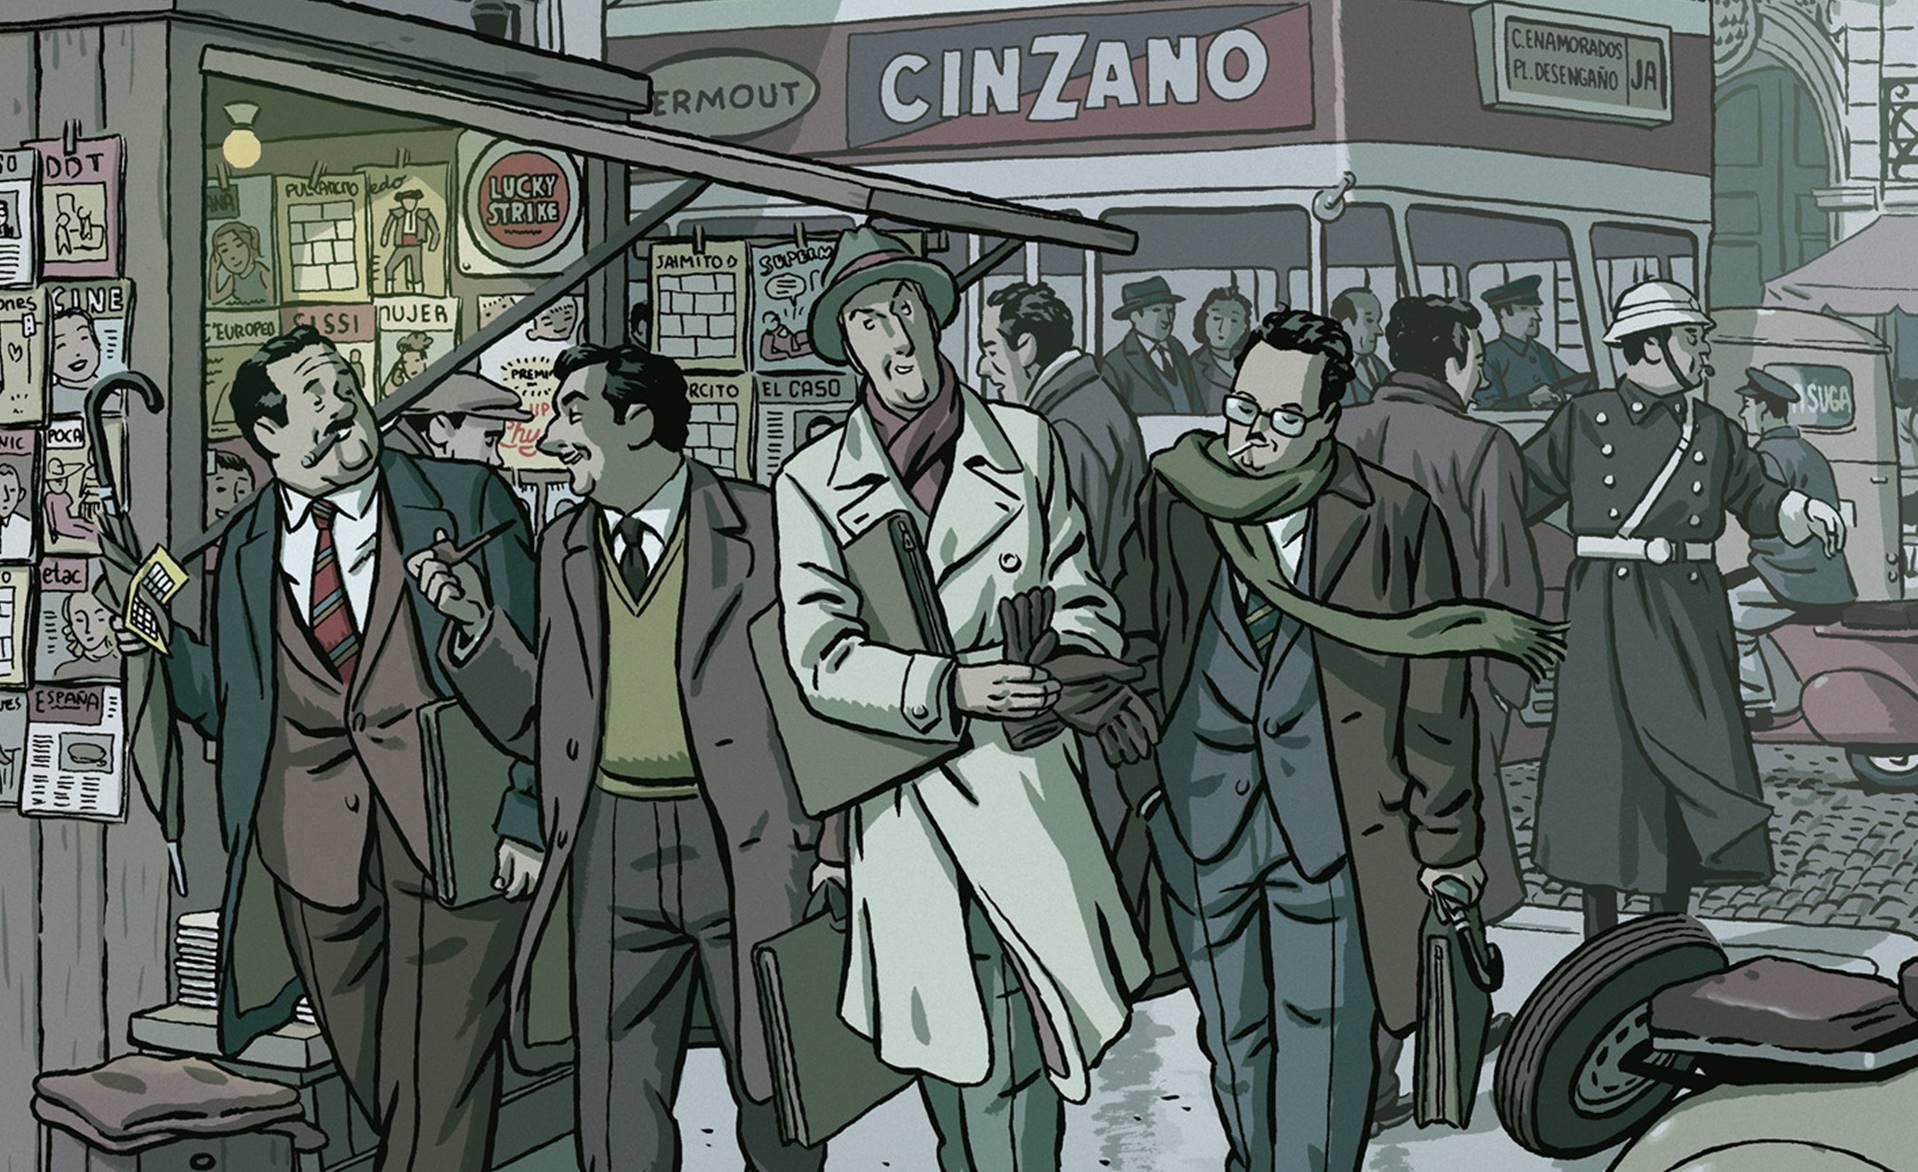 El invierno del dibujante es una novela gráfica de Paco Roca, publicada originalmente en 2010 por Astiberri Ediciones.